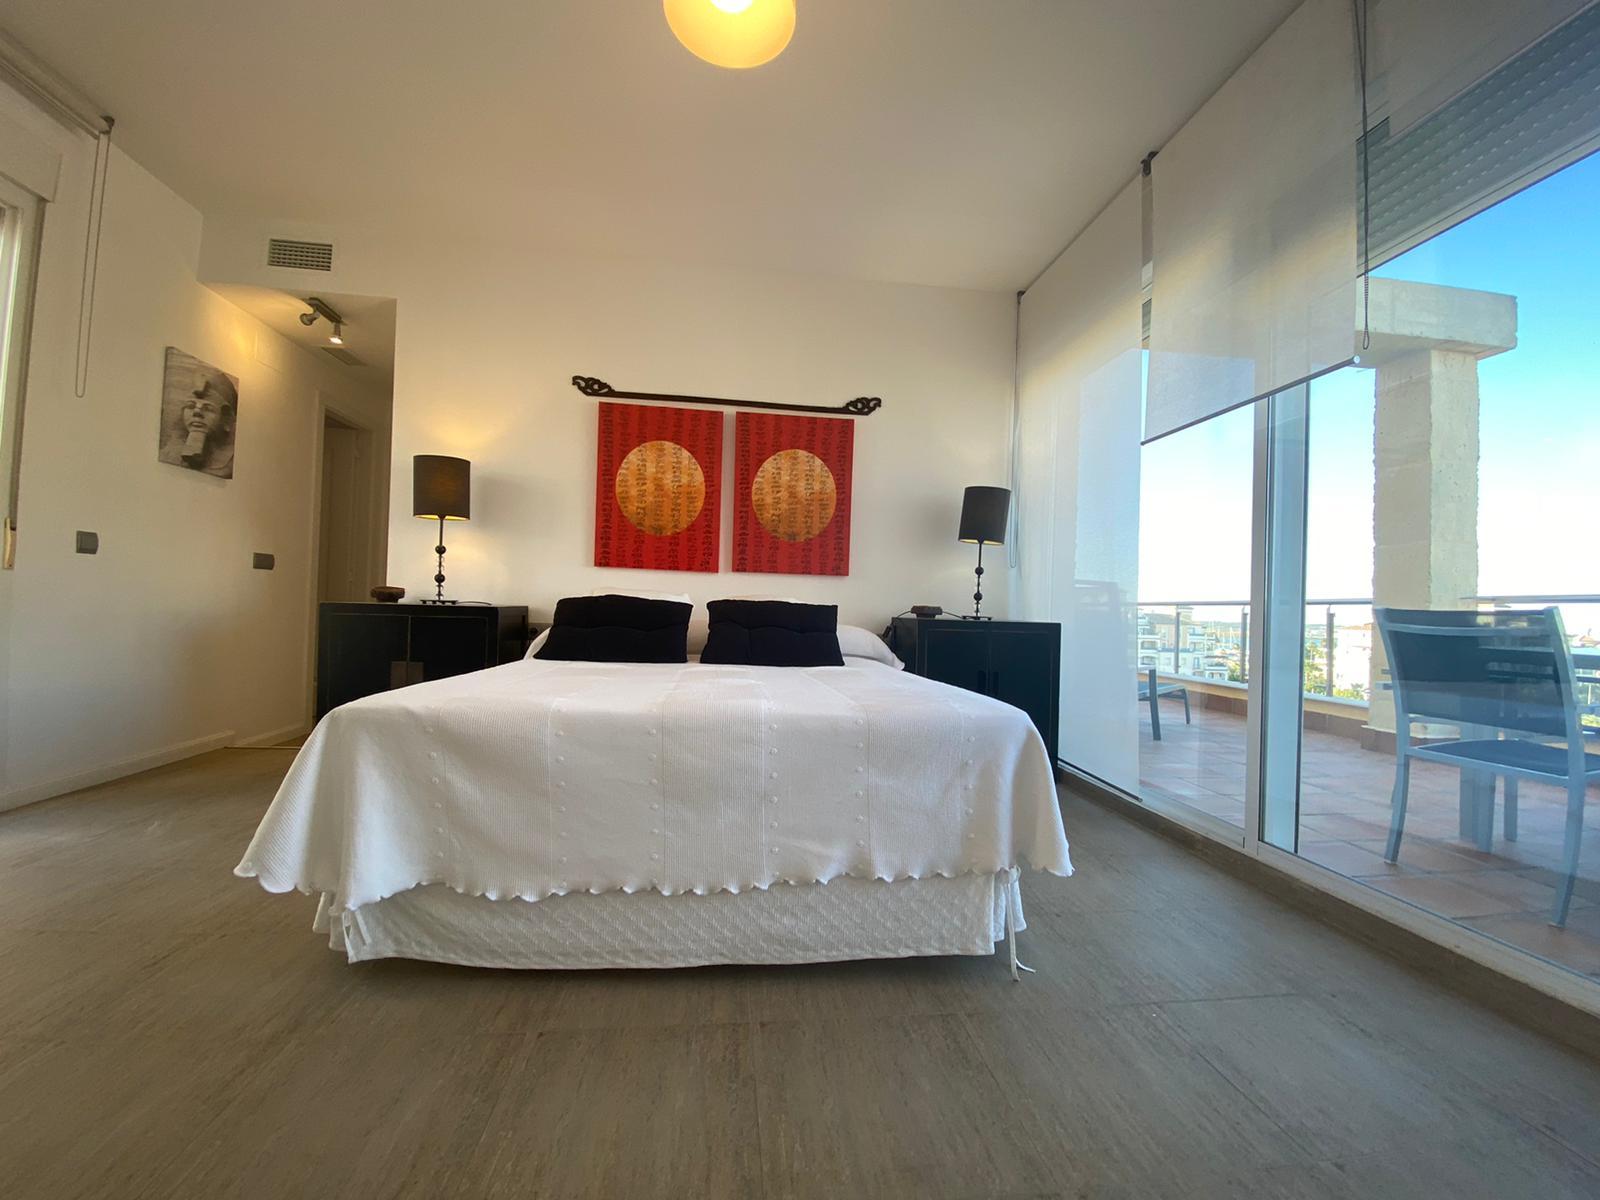 Imagen 1 del Apartamento Turístico, Ático 6 Levante (3d+2b), Punta del Moral (HUELVA), Paseo de la Cruz nº22